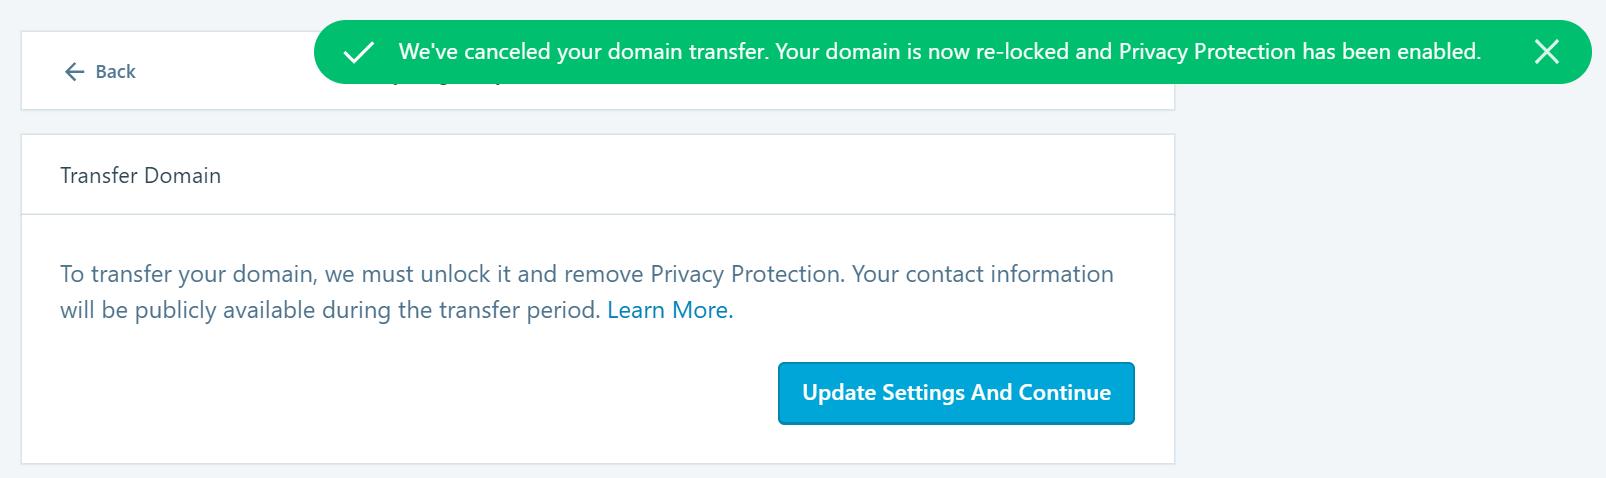 Imagem da mensagem confirmando que a transferência de domínio foi cancelada